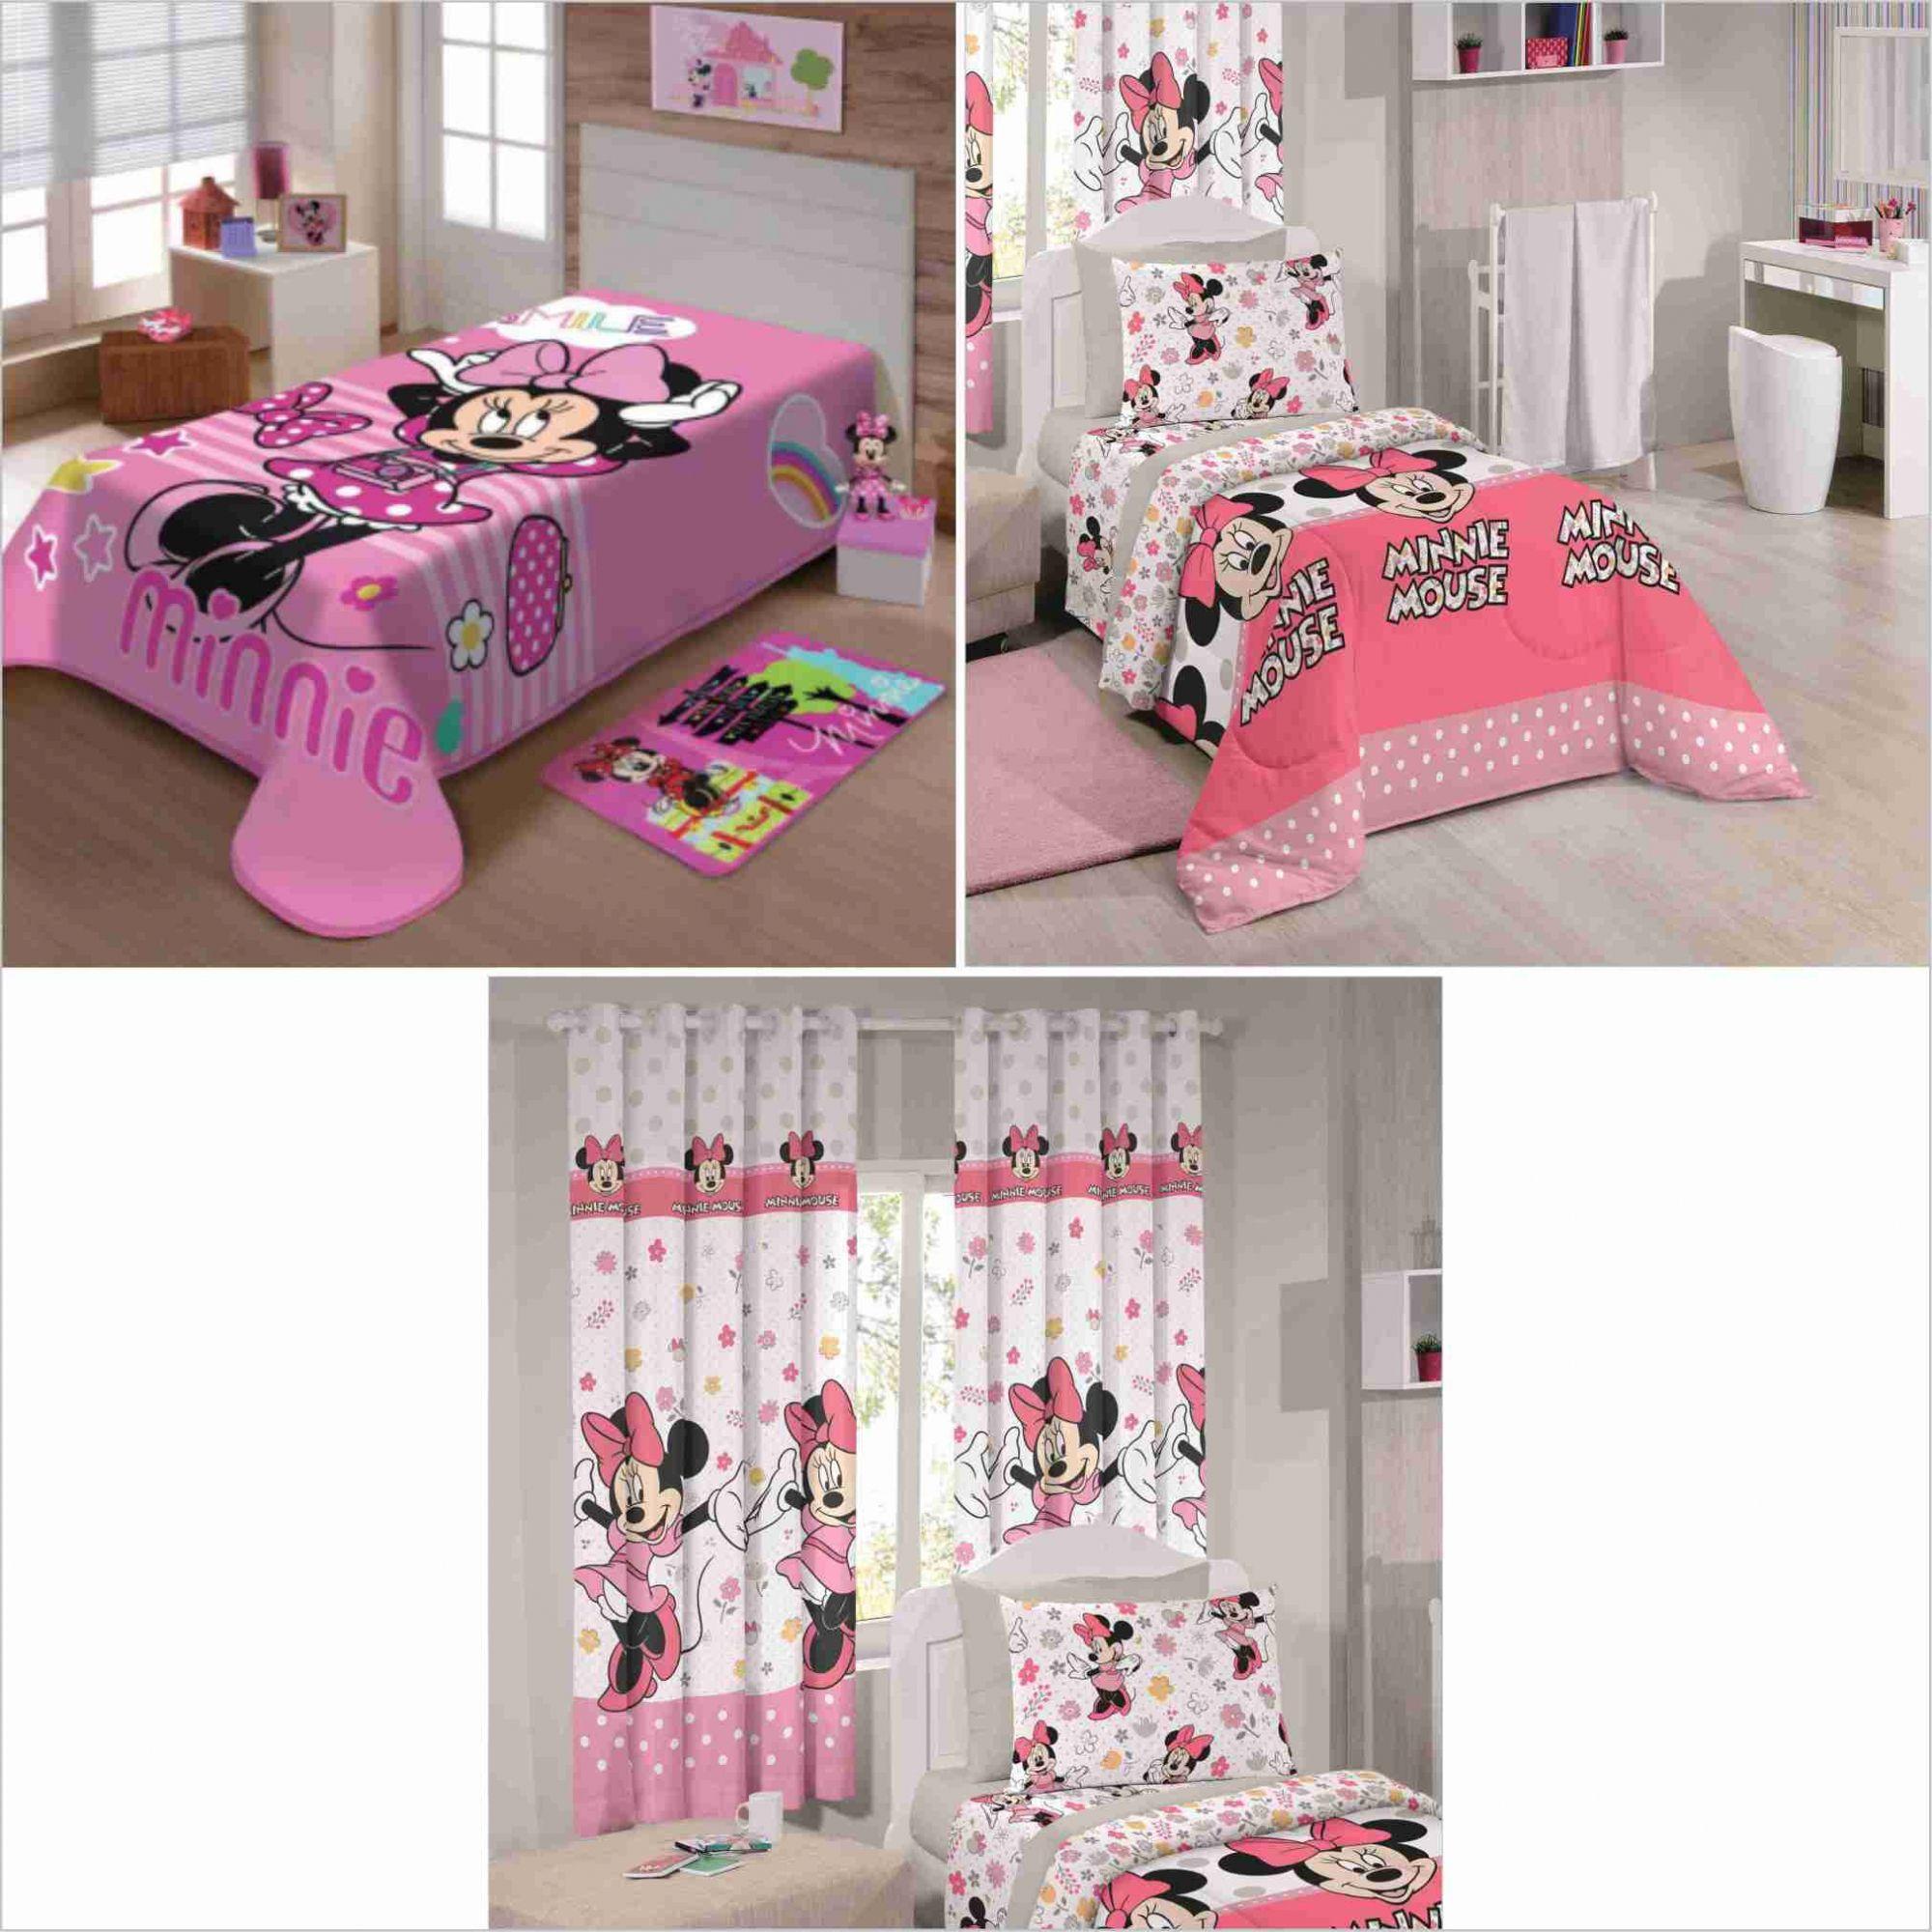 de130bd5f4 Cobertor+ Jogo Cama Lençol+ Cortina Minnie Happy Disney - PEQUENININHOS.COM